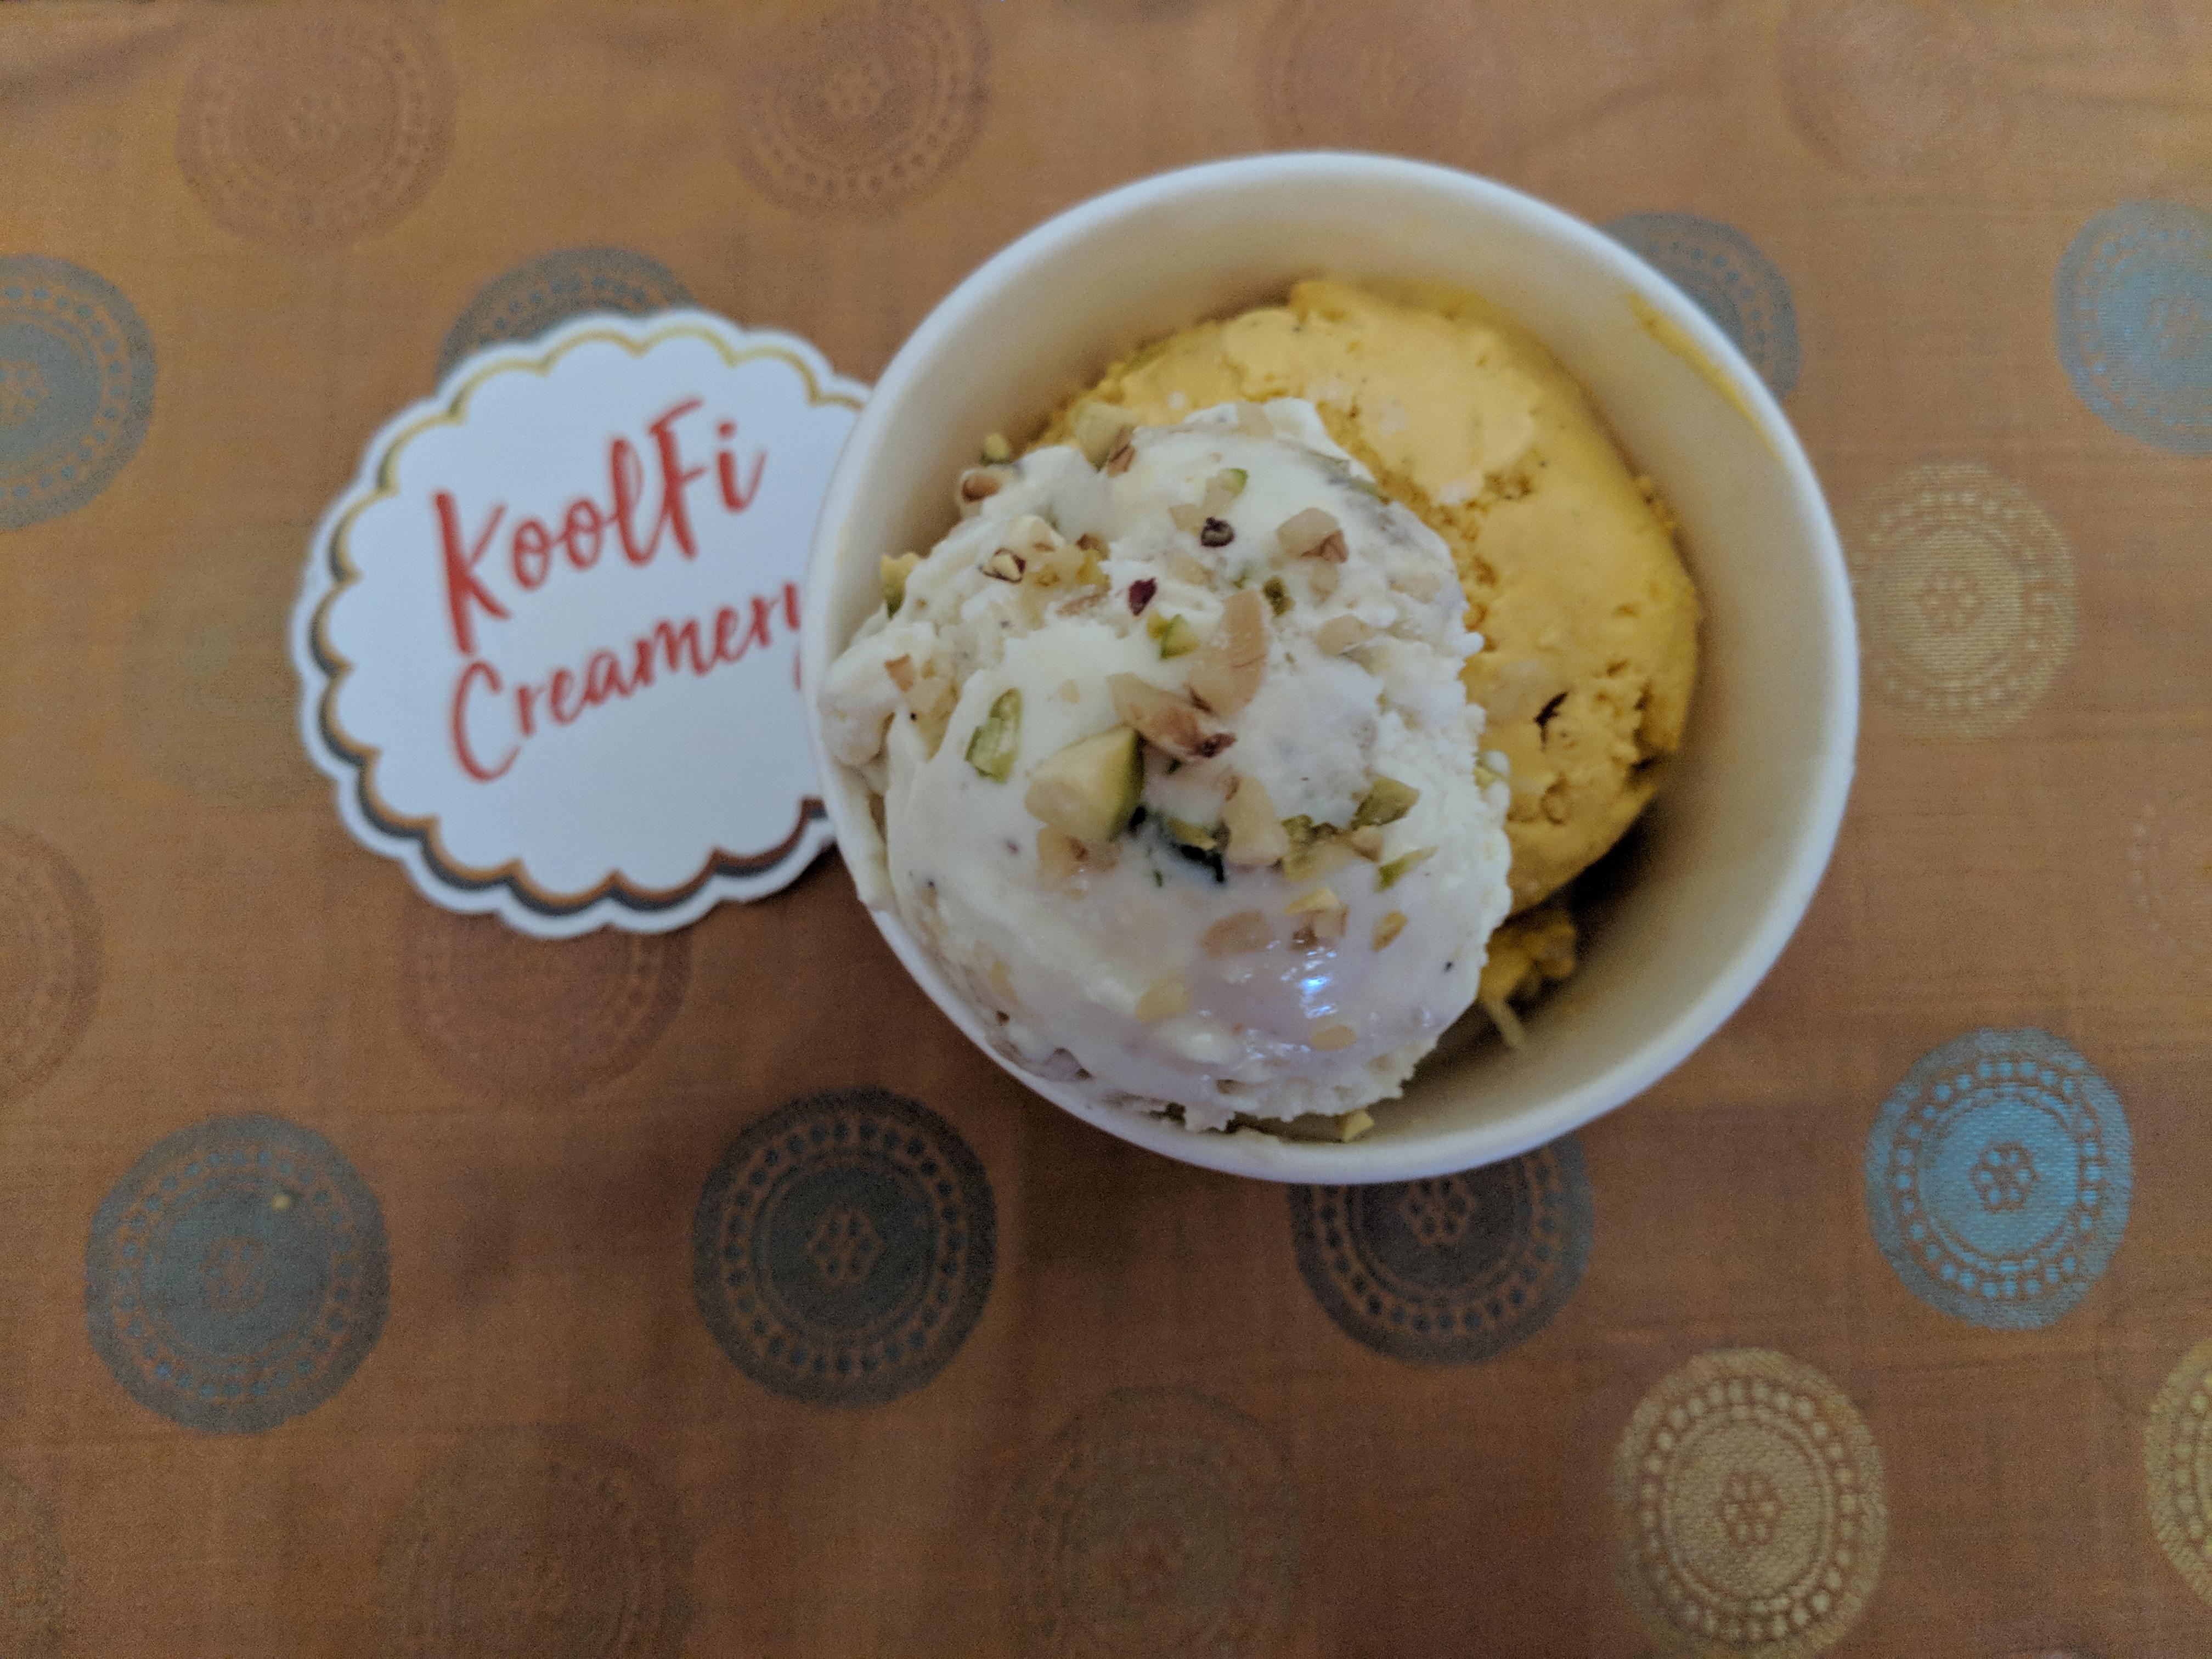 Malai Kulfi and Mango